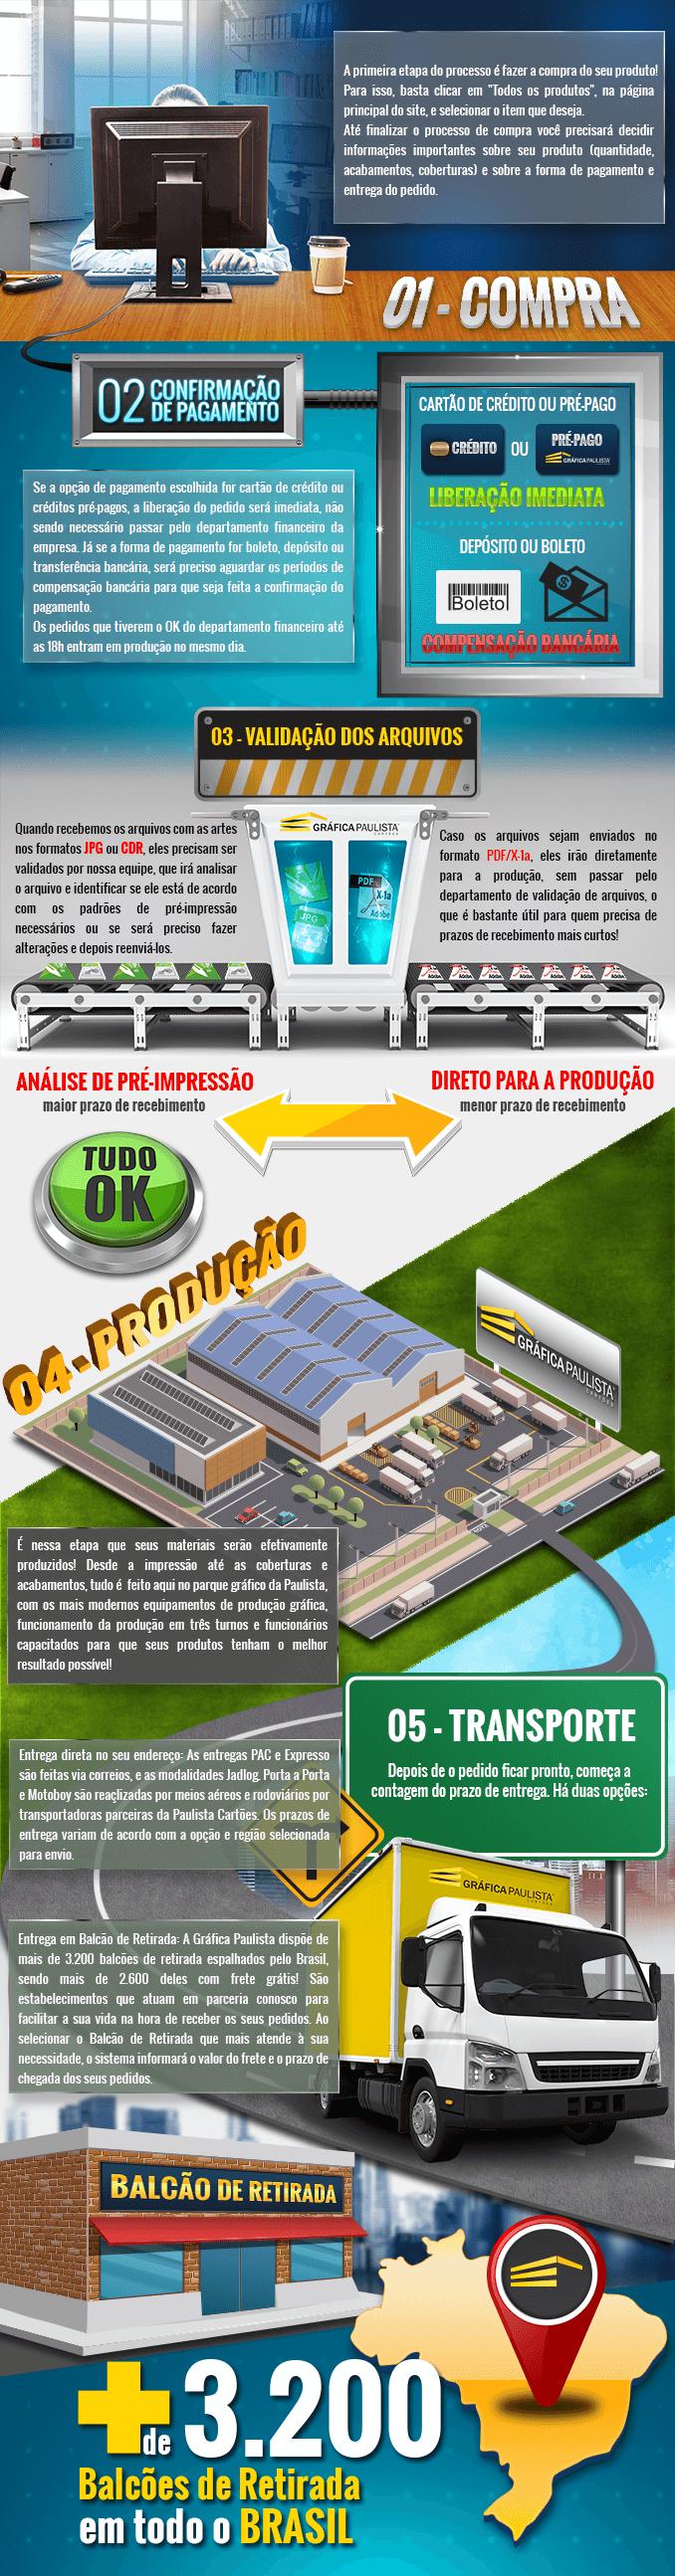 Trajetoria-Compra-Paulista-Cartoes